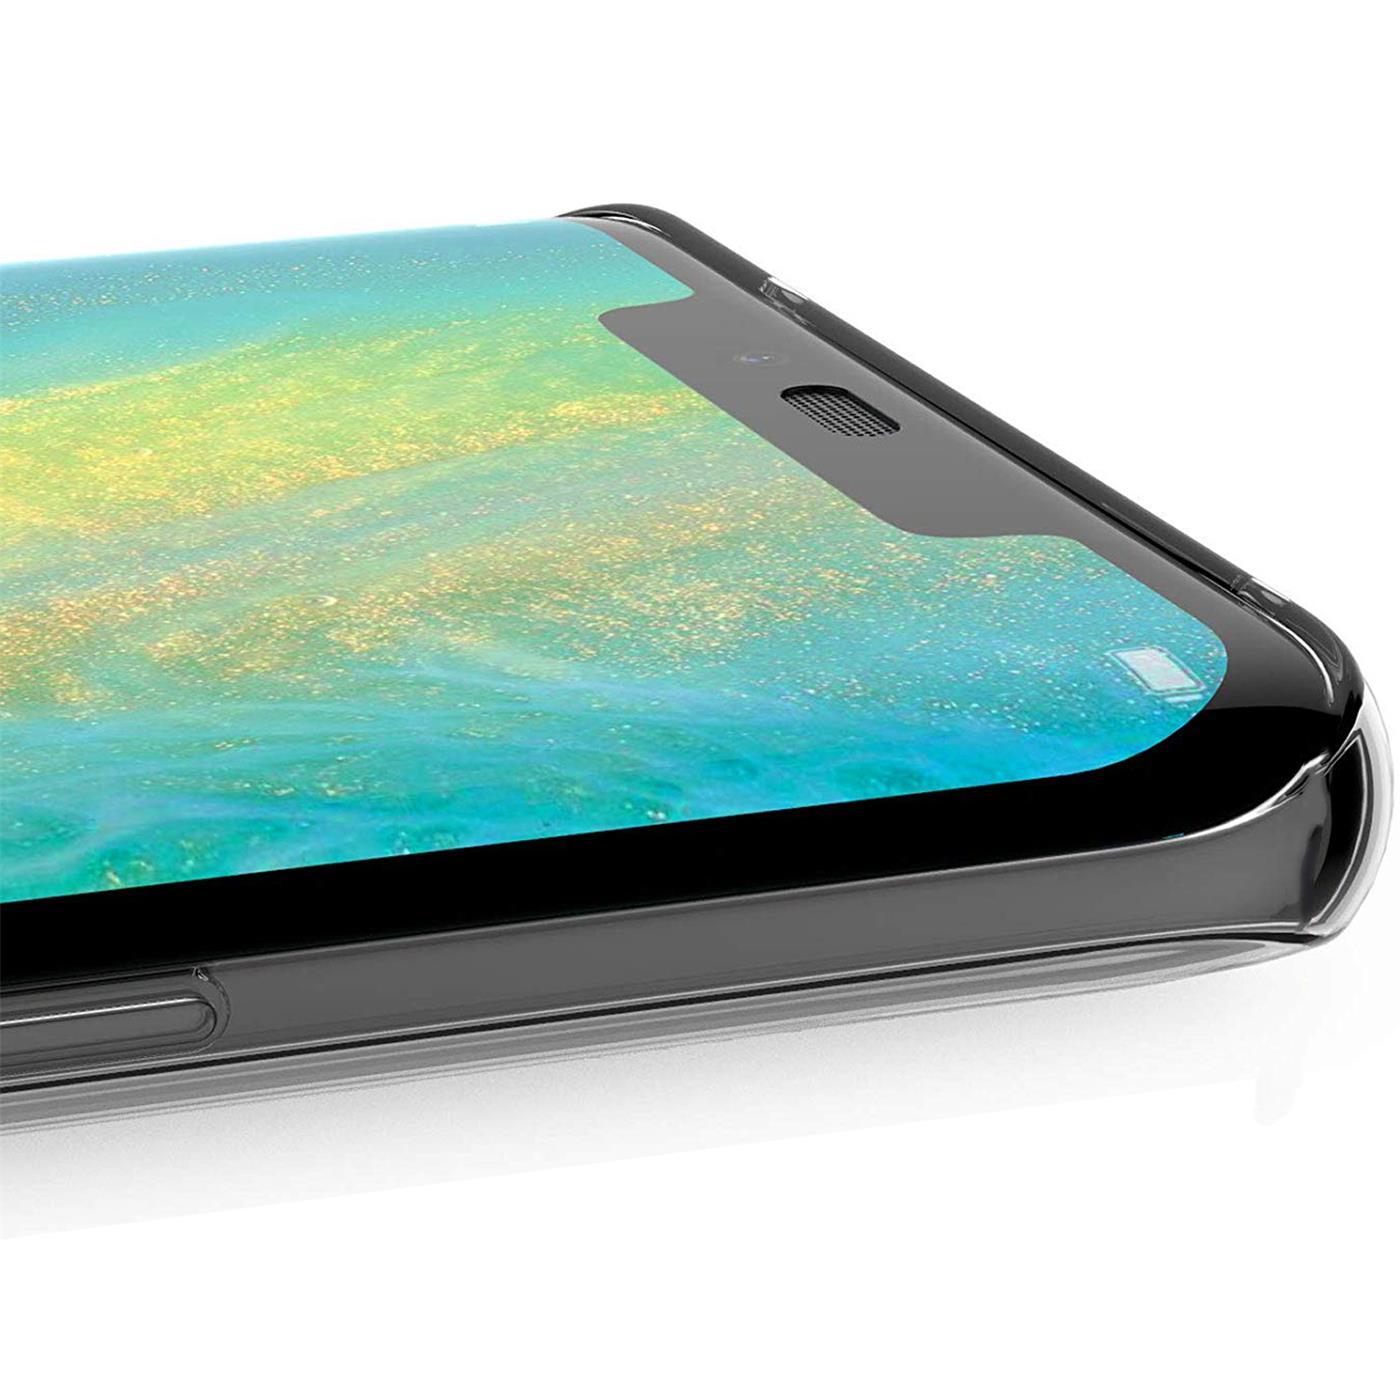 Huawei-P30-Lite-Motiv-Handy-Huelle-Silikon-Tasche-Schutzhuelle-Cover-Slim-TPU-Case Indexbild 54